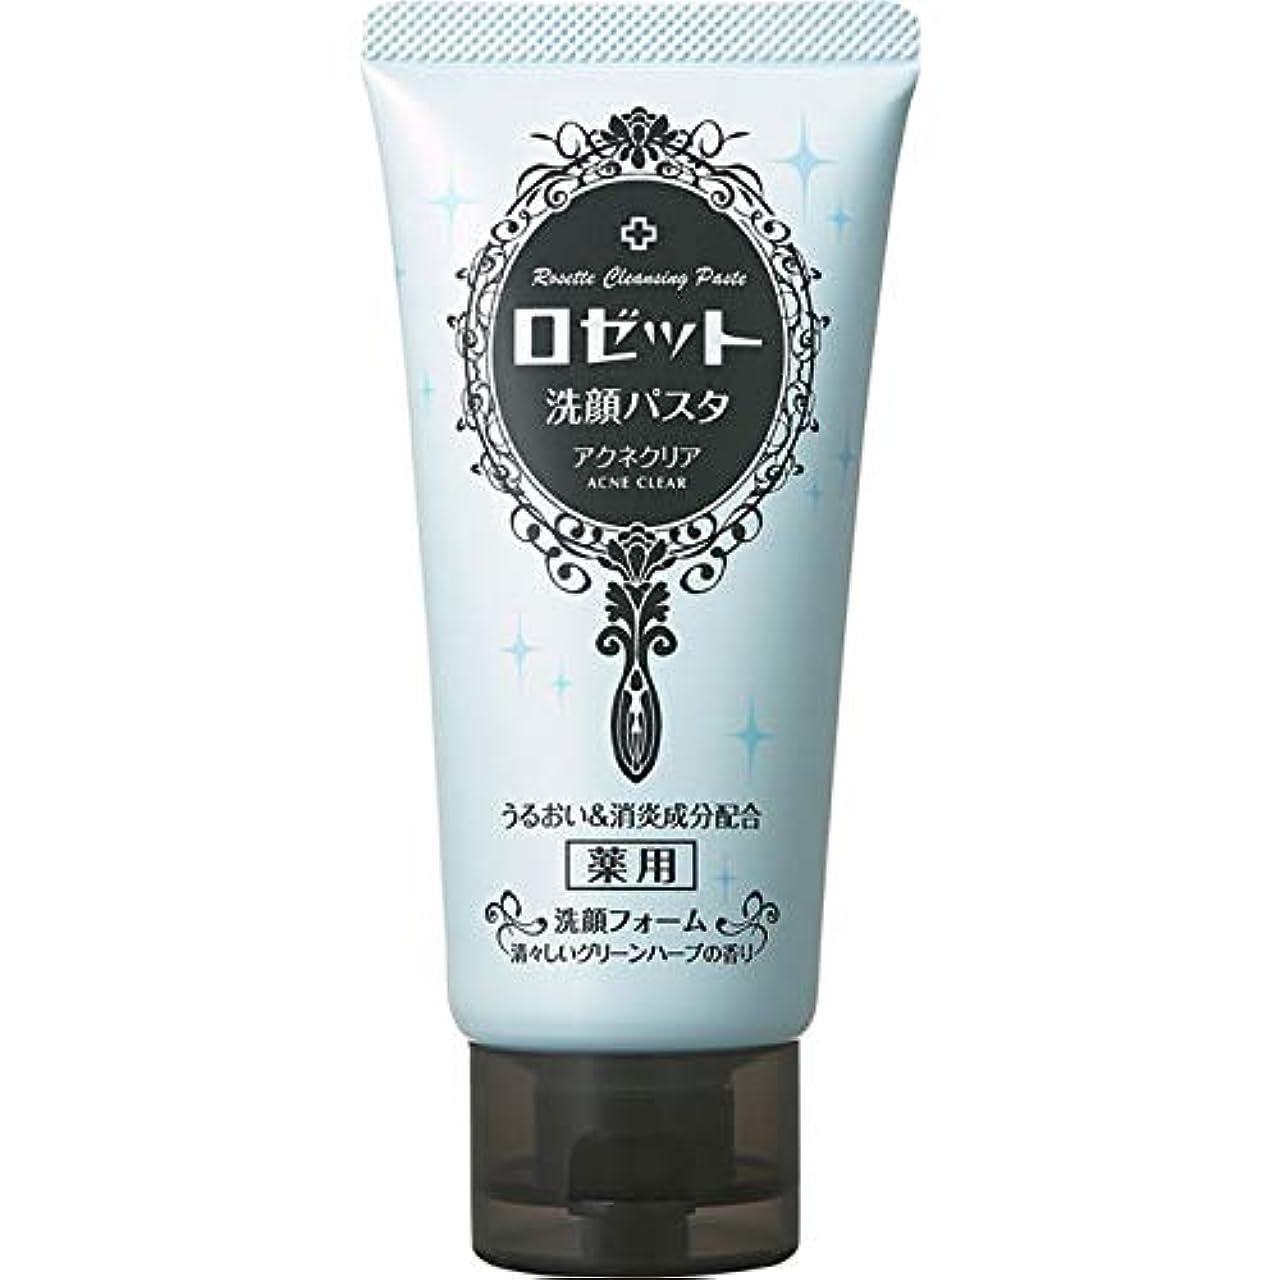 立派なポンプ仮定するロゼット ロゼット洗顔パスタ アクネクリア 120g (医薬部外品)